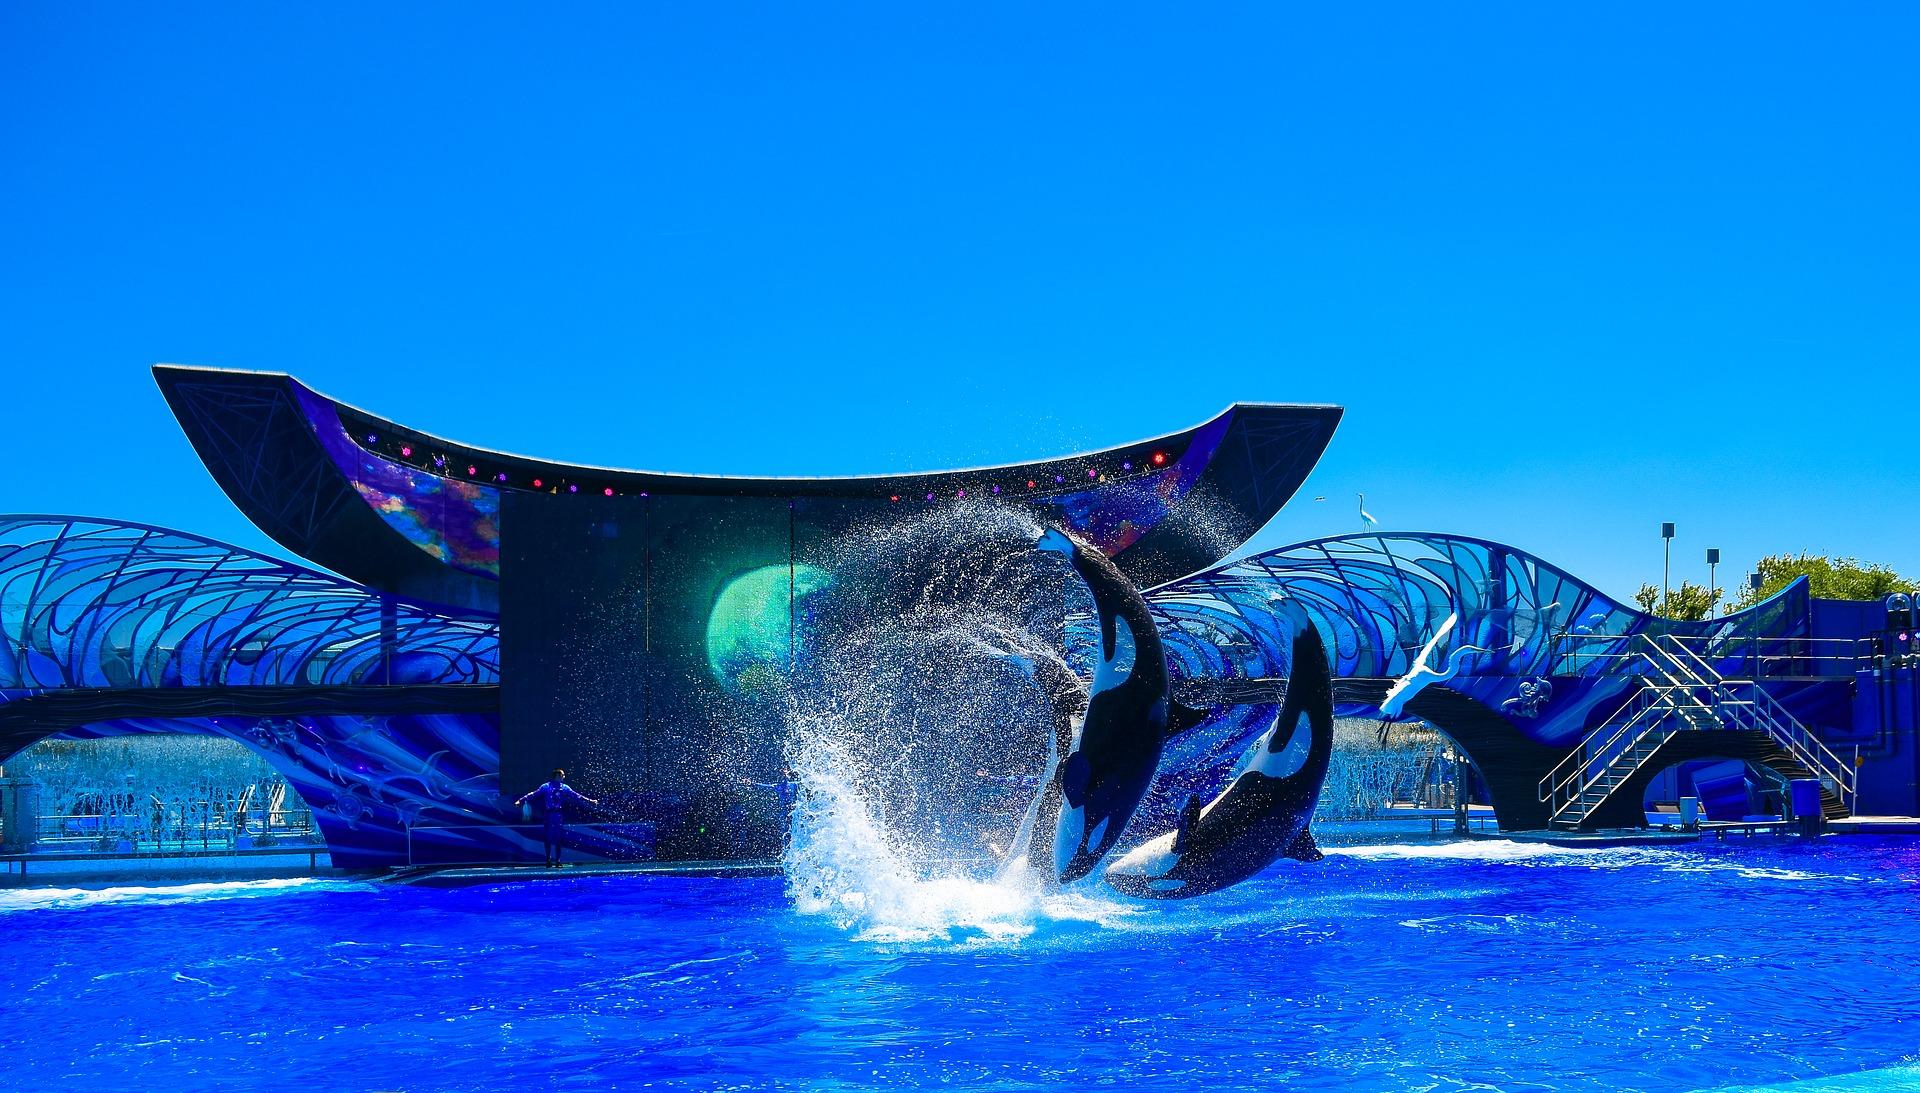 Aquatic attraction in Orlando